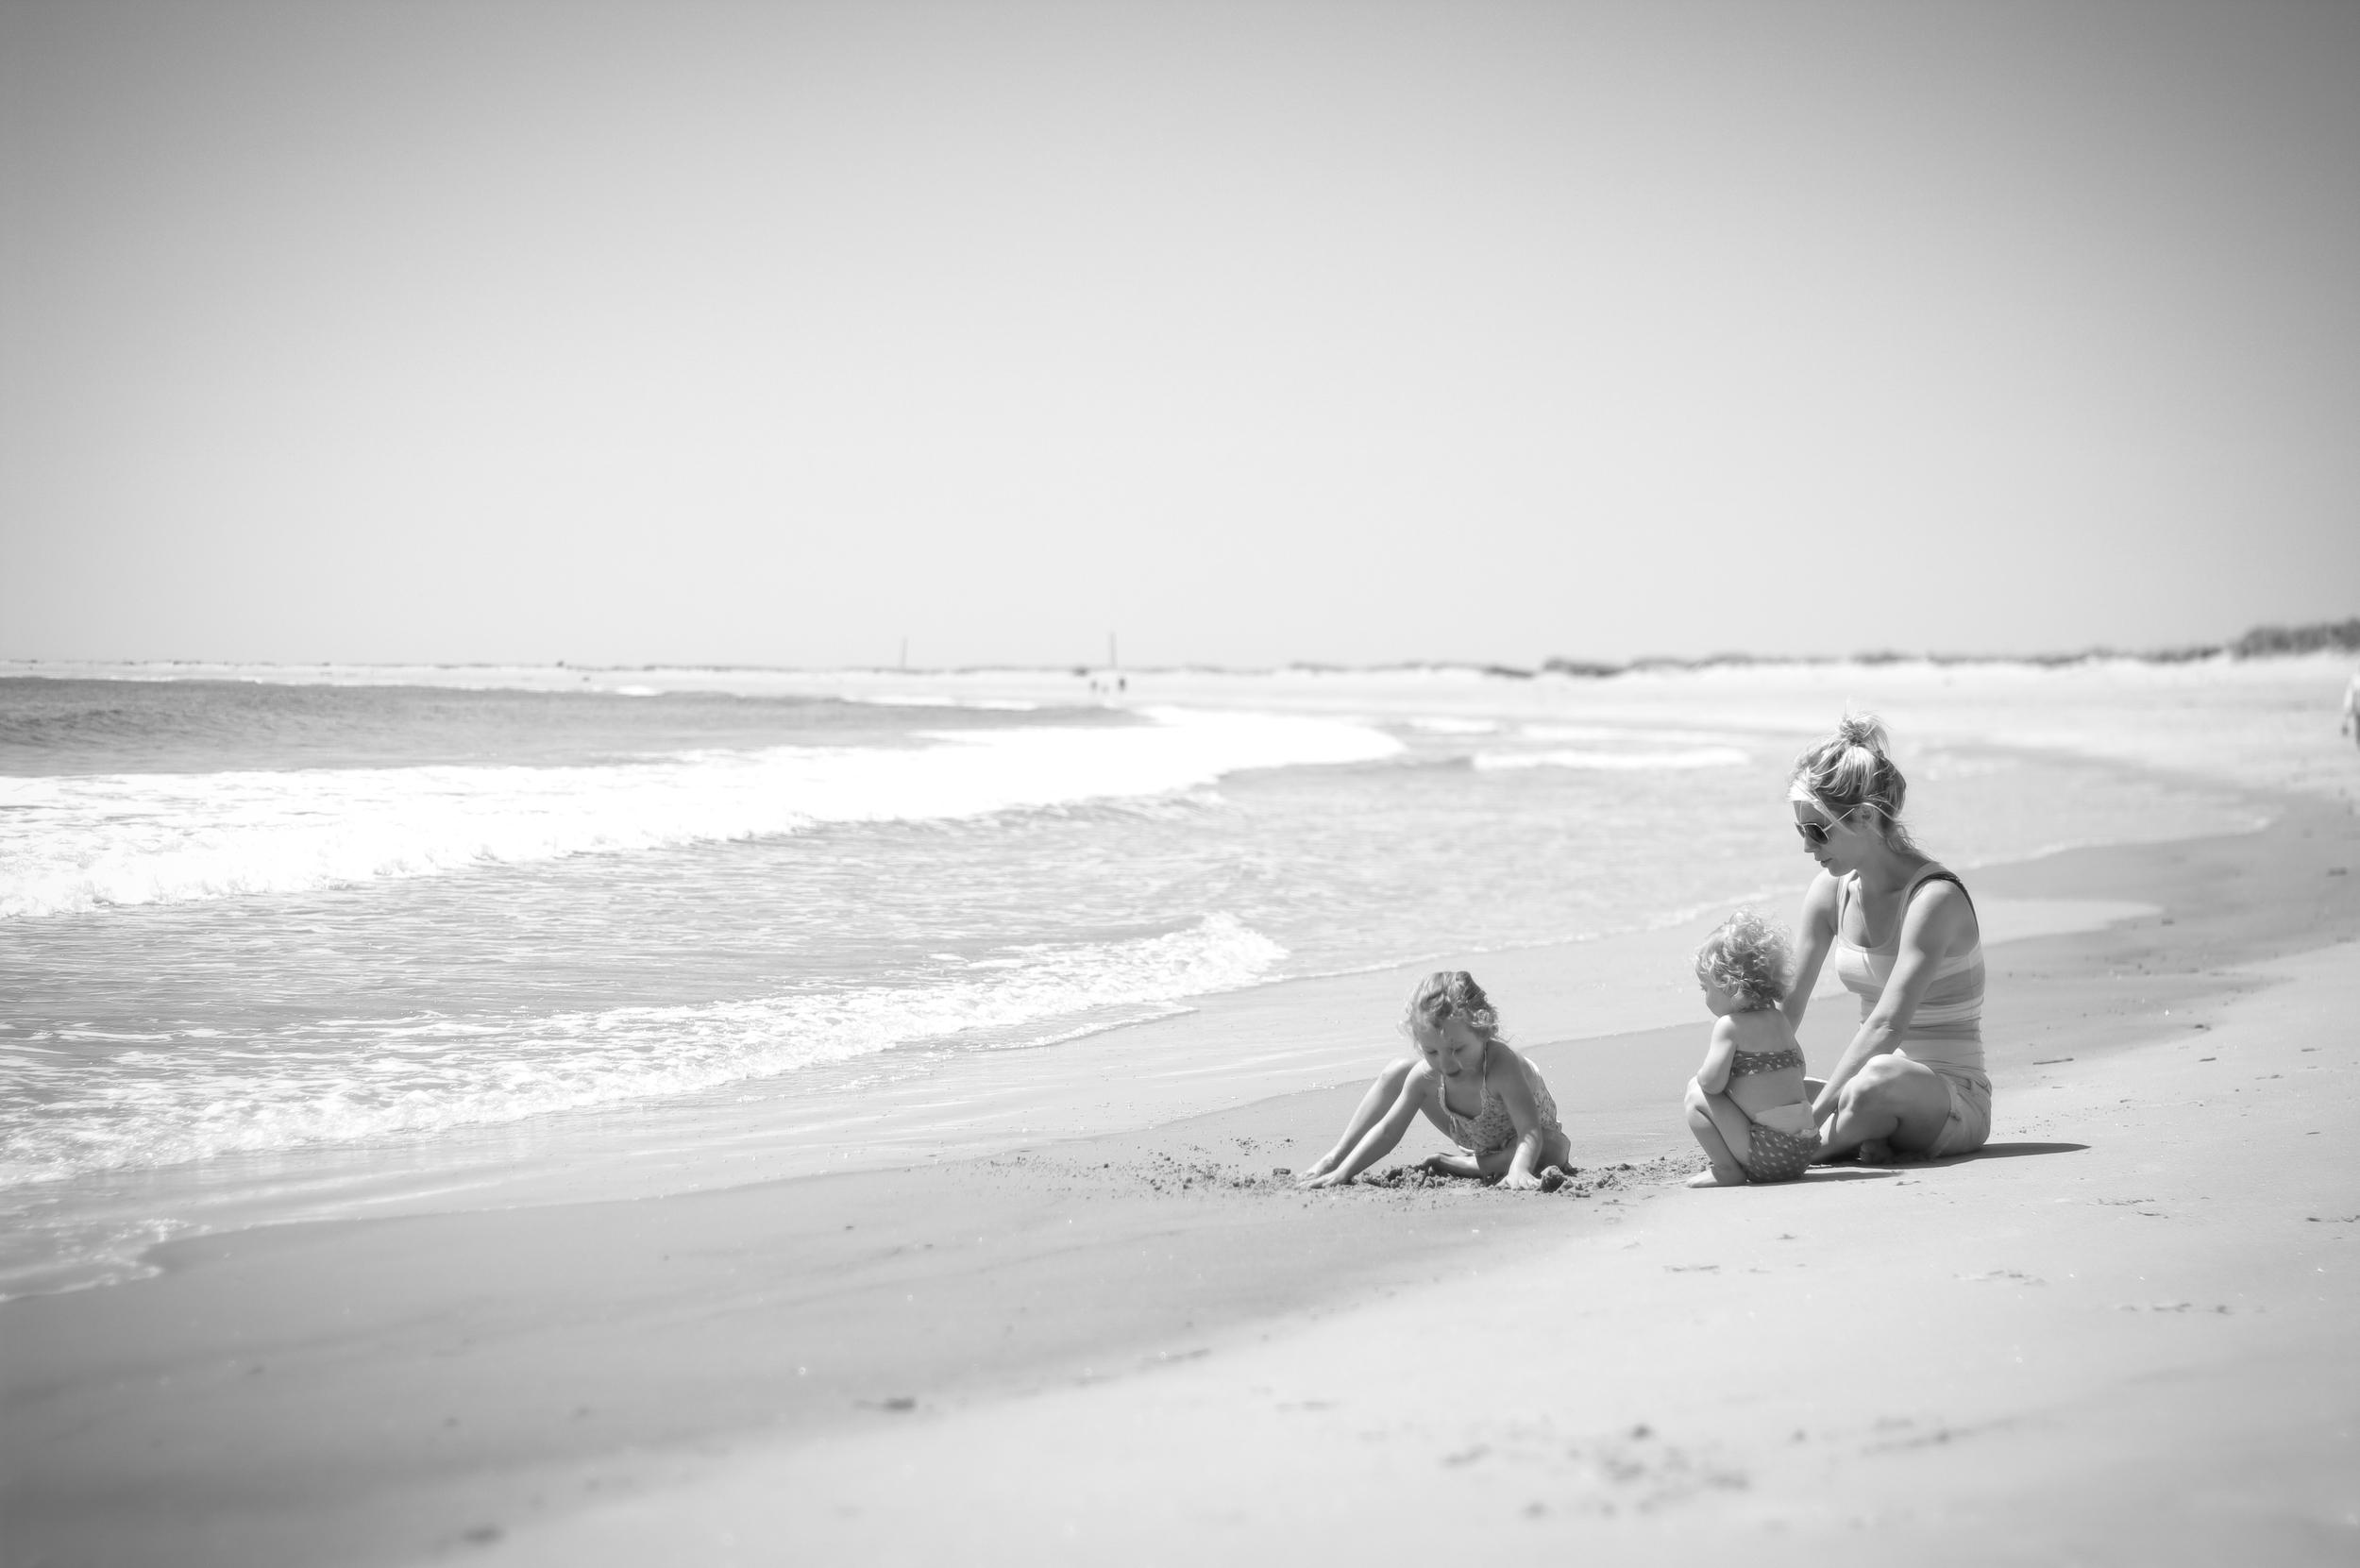 beachday-300dpi-1332